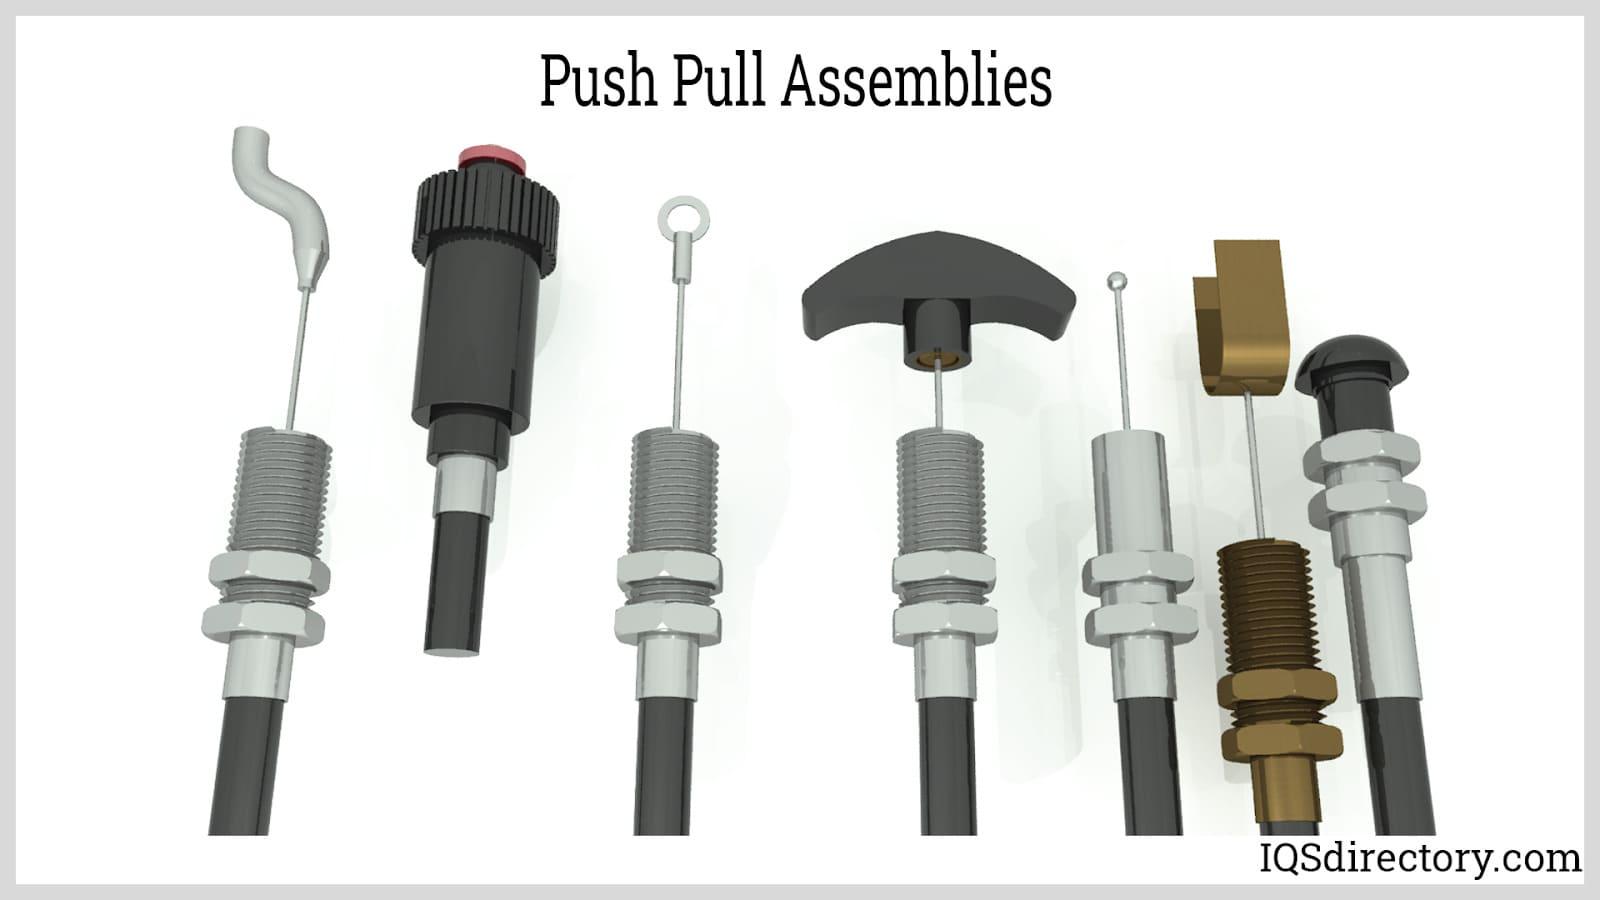 Push Pull Assemblies